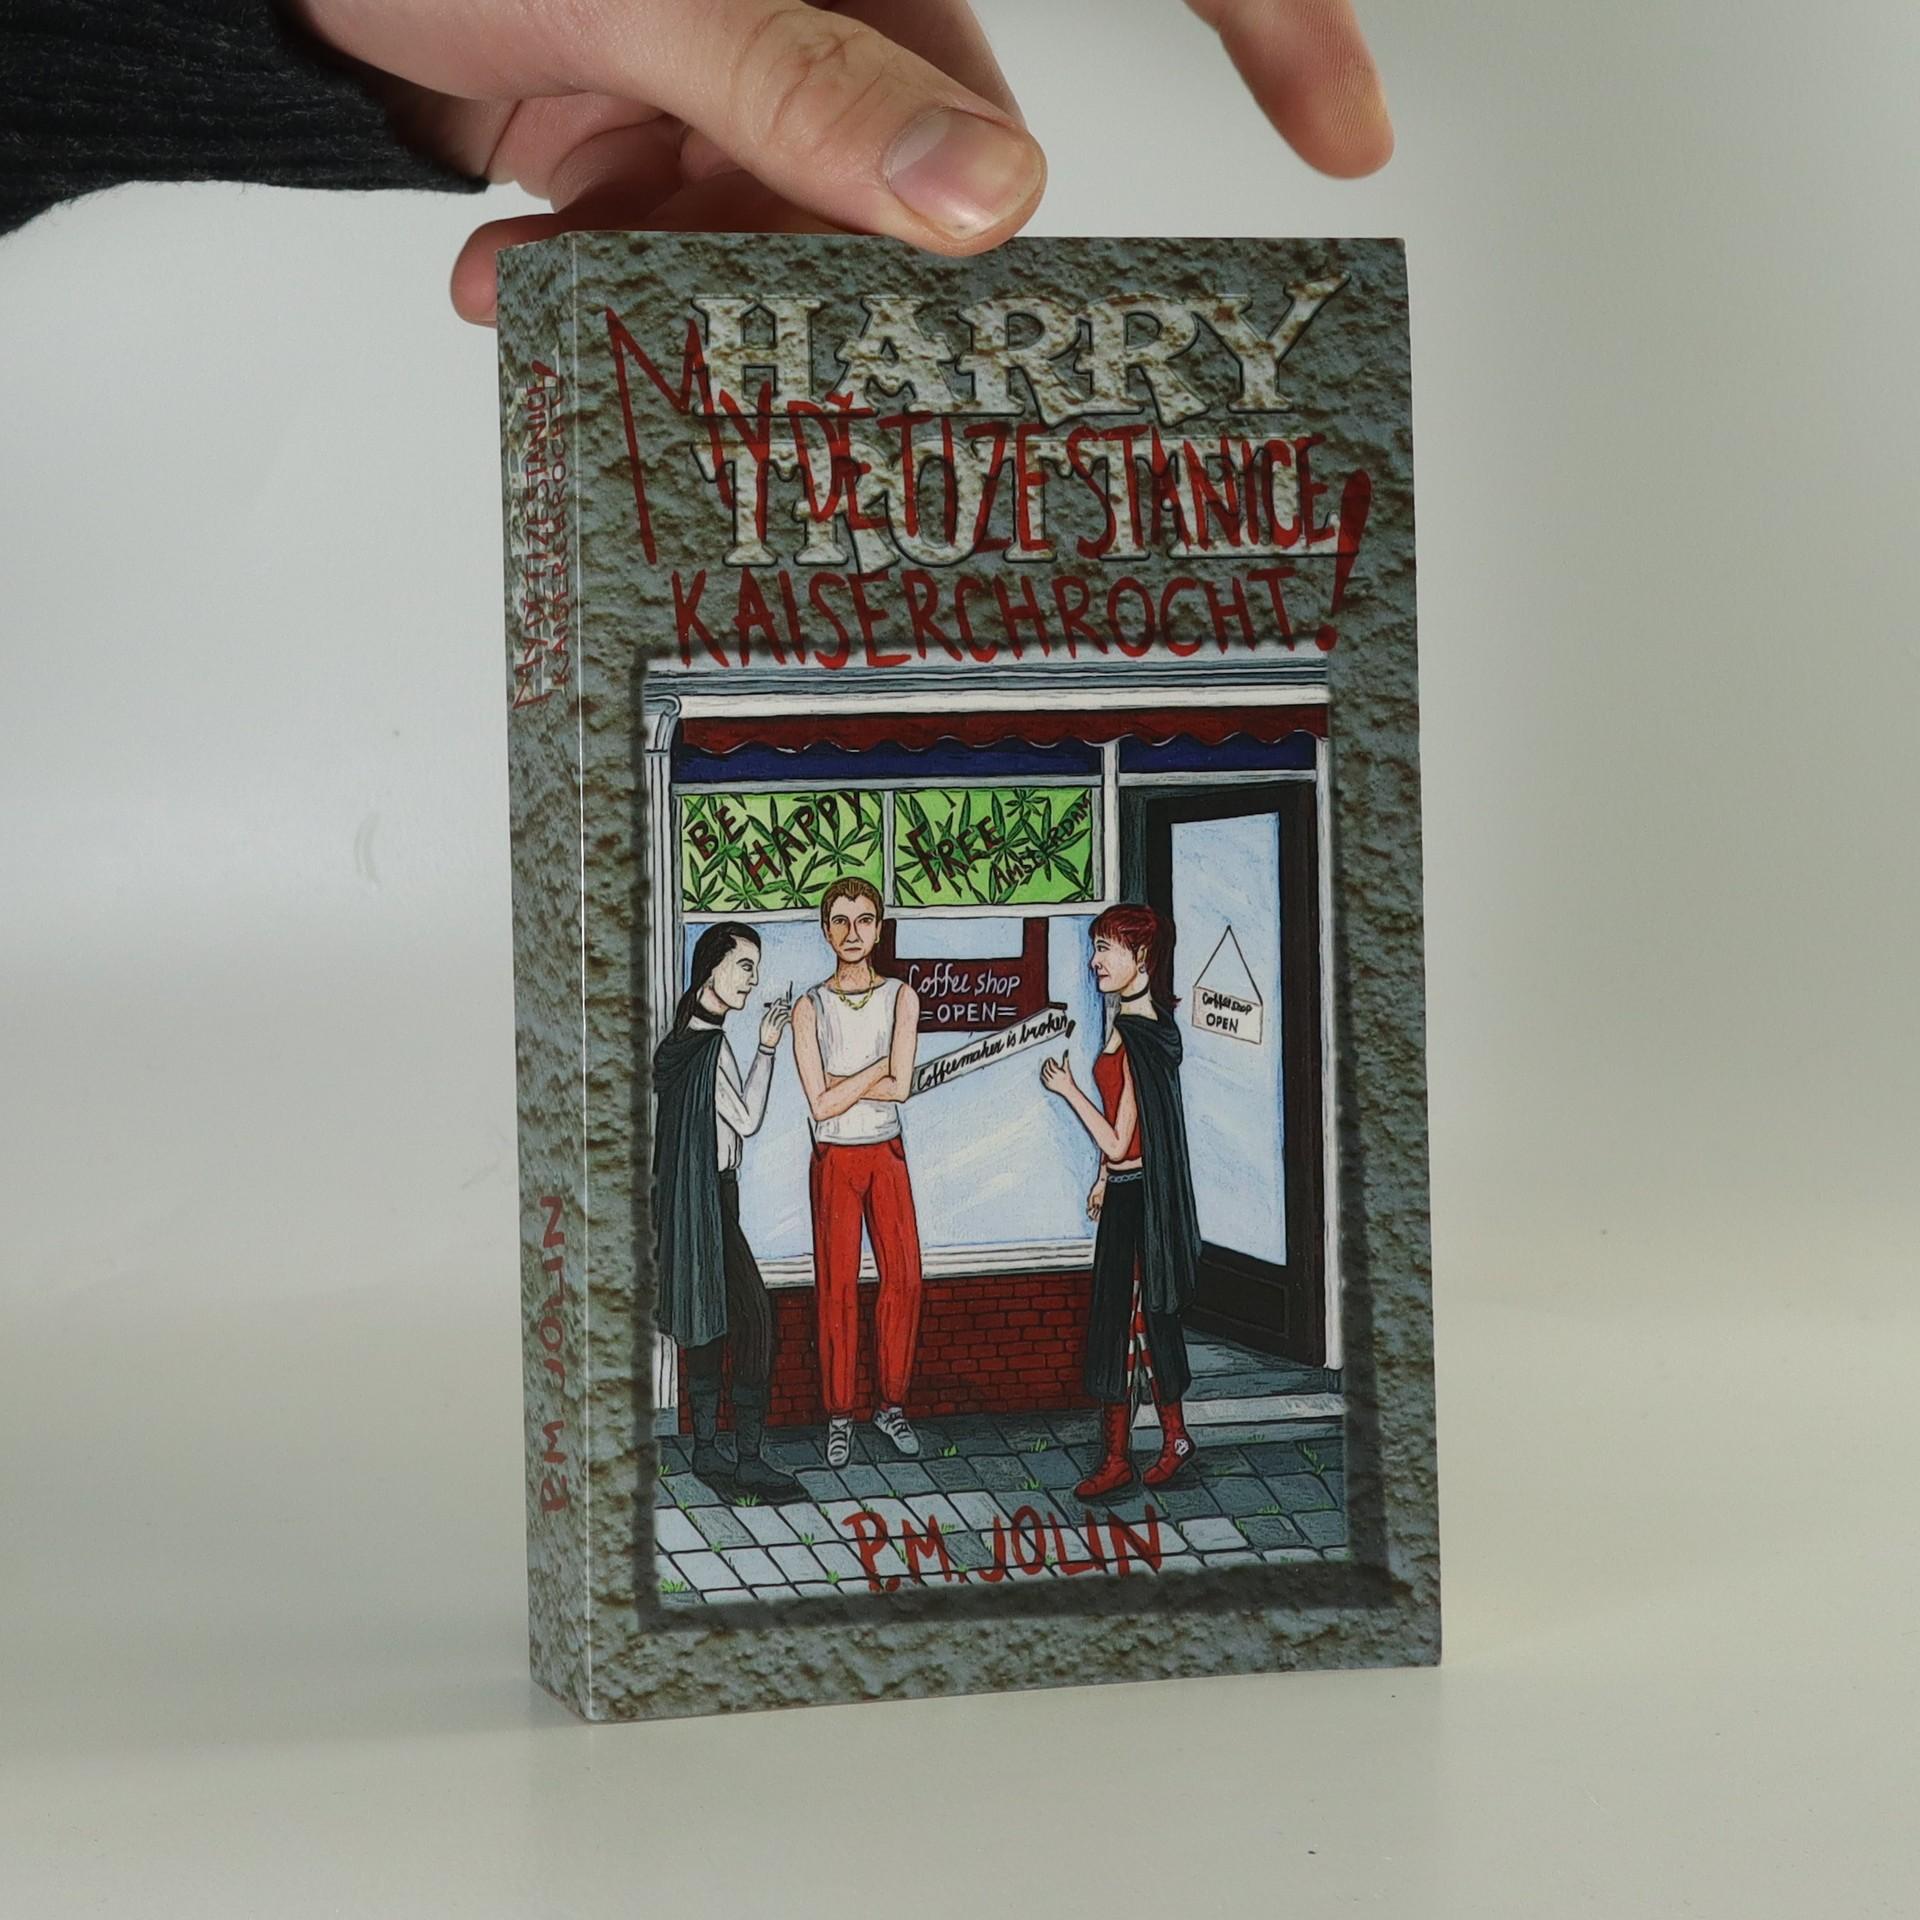 antikvární kniha My děti ze stanice Kaiserchrocht, 2007